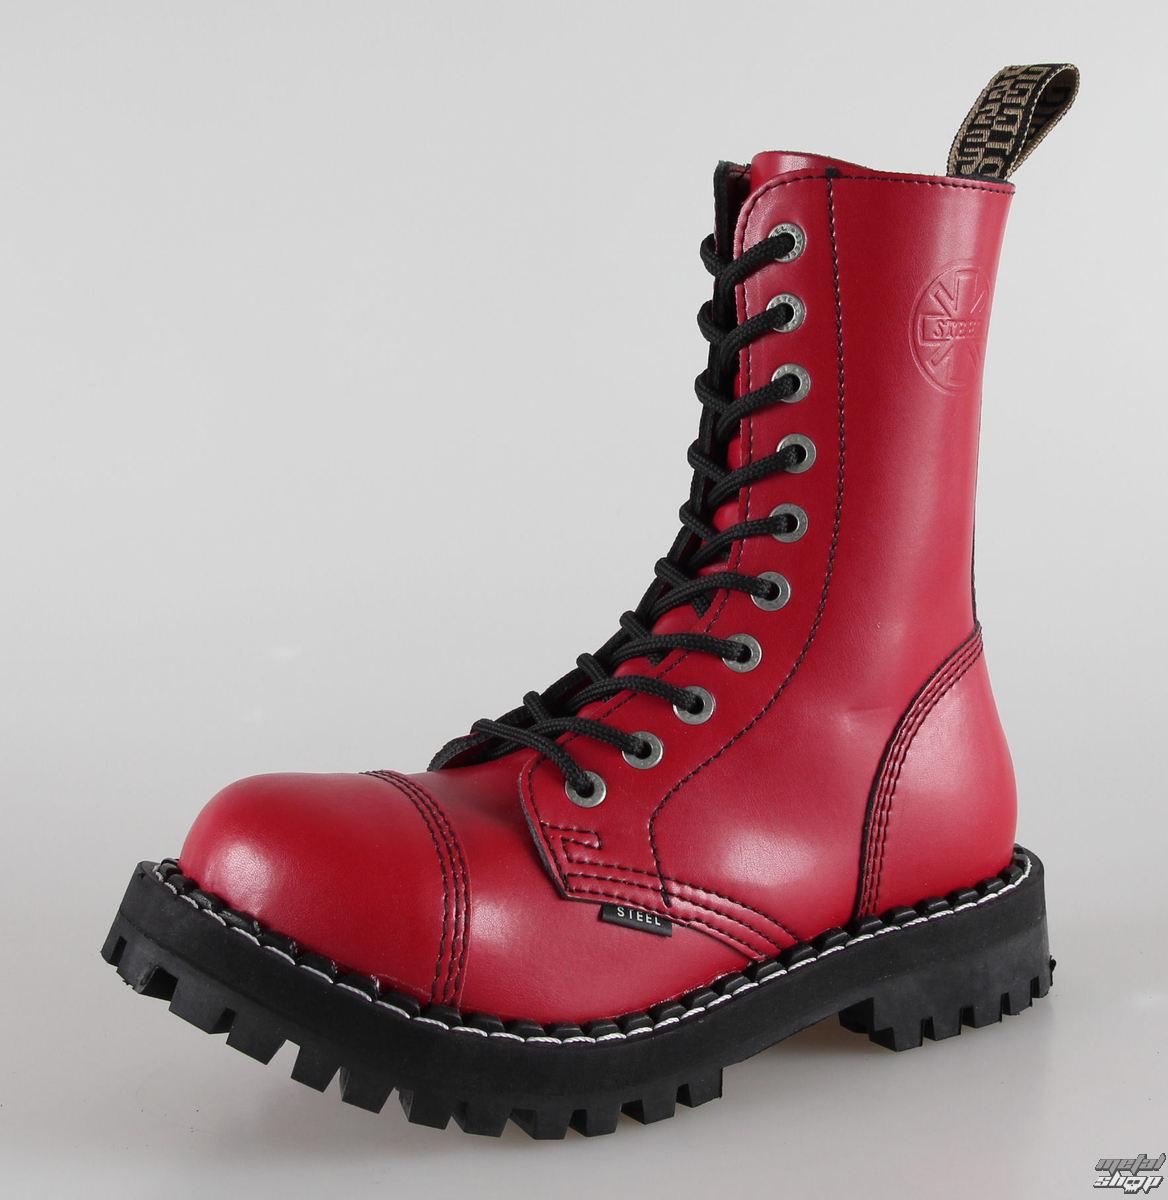 boty STEEL - 10 dírkové červené pestré (105/106 Full Red)